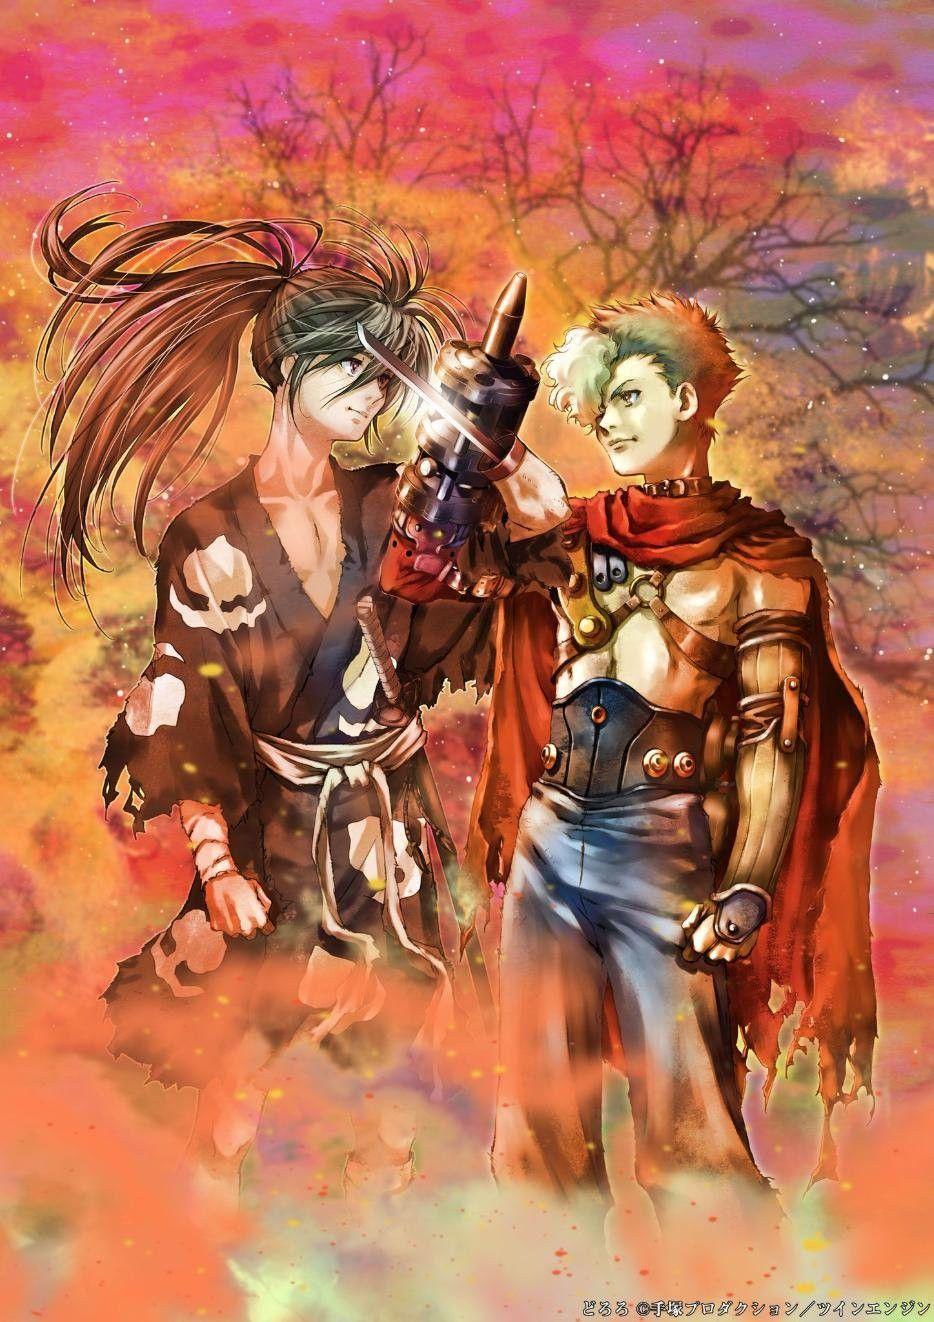 Dororo Iron fortress, Anime films, Anime